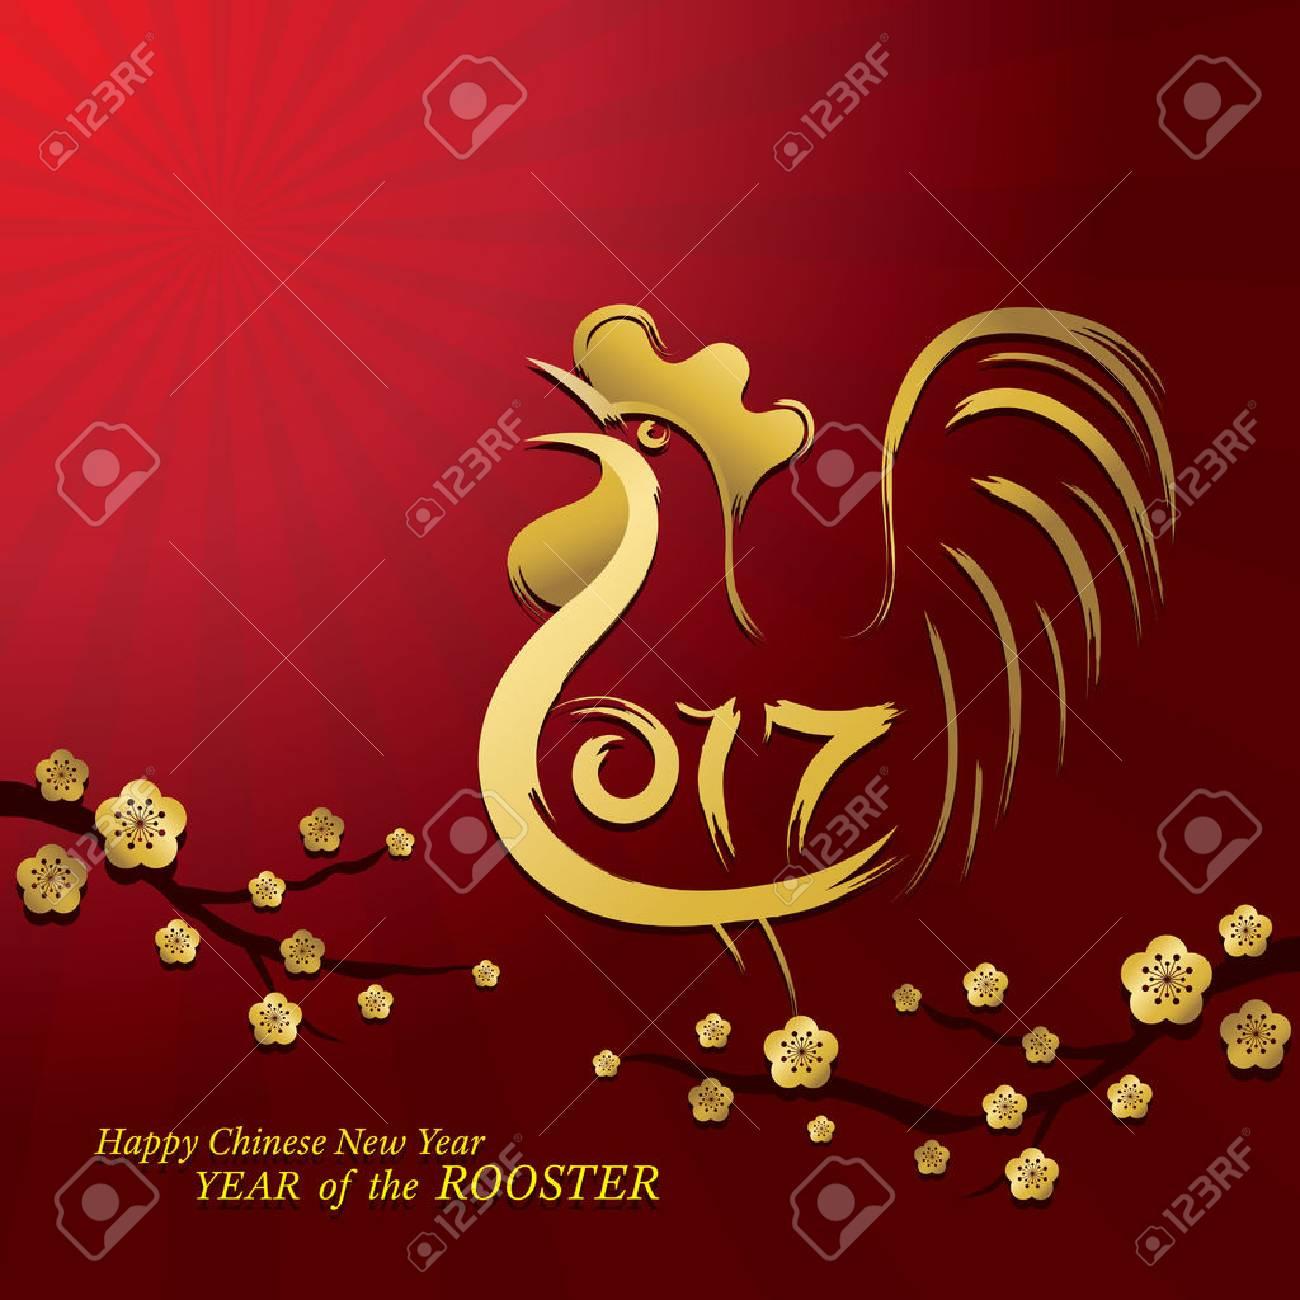 Jahr Der Hahn, Chinesisches Neujahr, 2017, Feiertag, Gruß Und Feiern ...